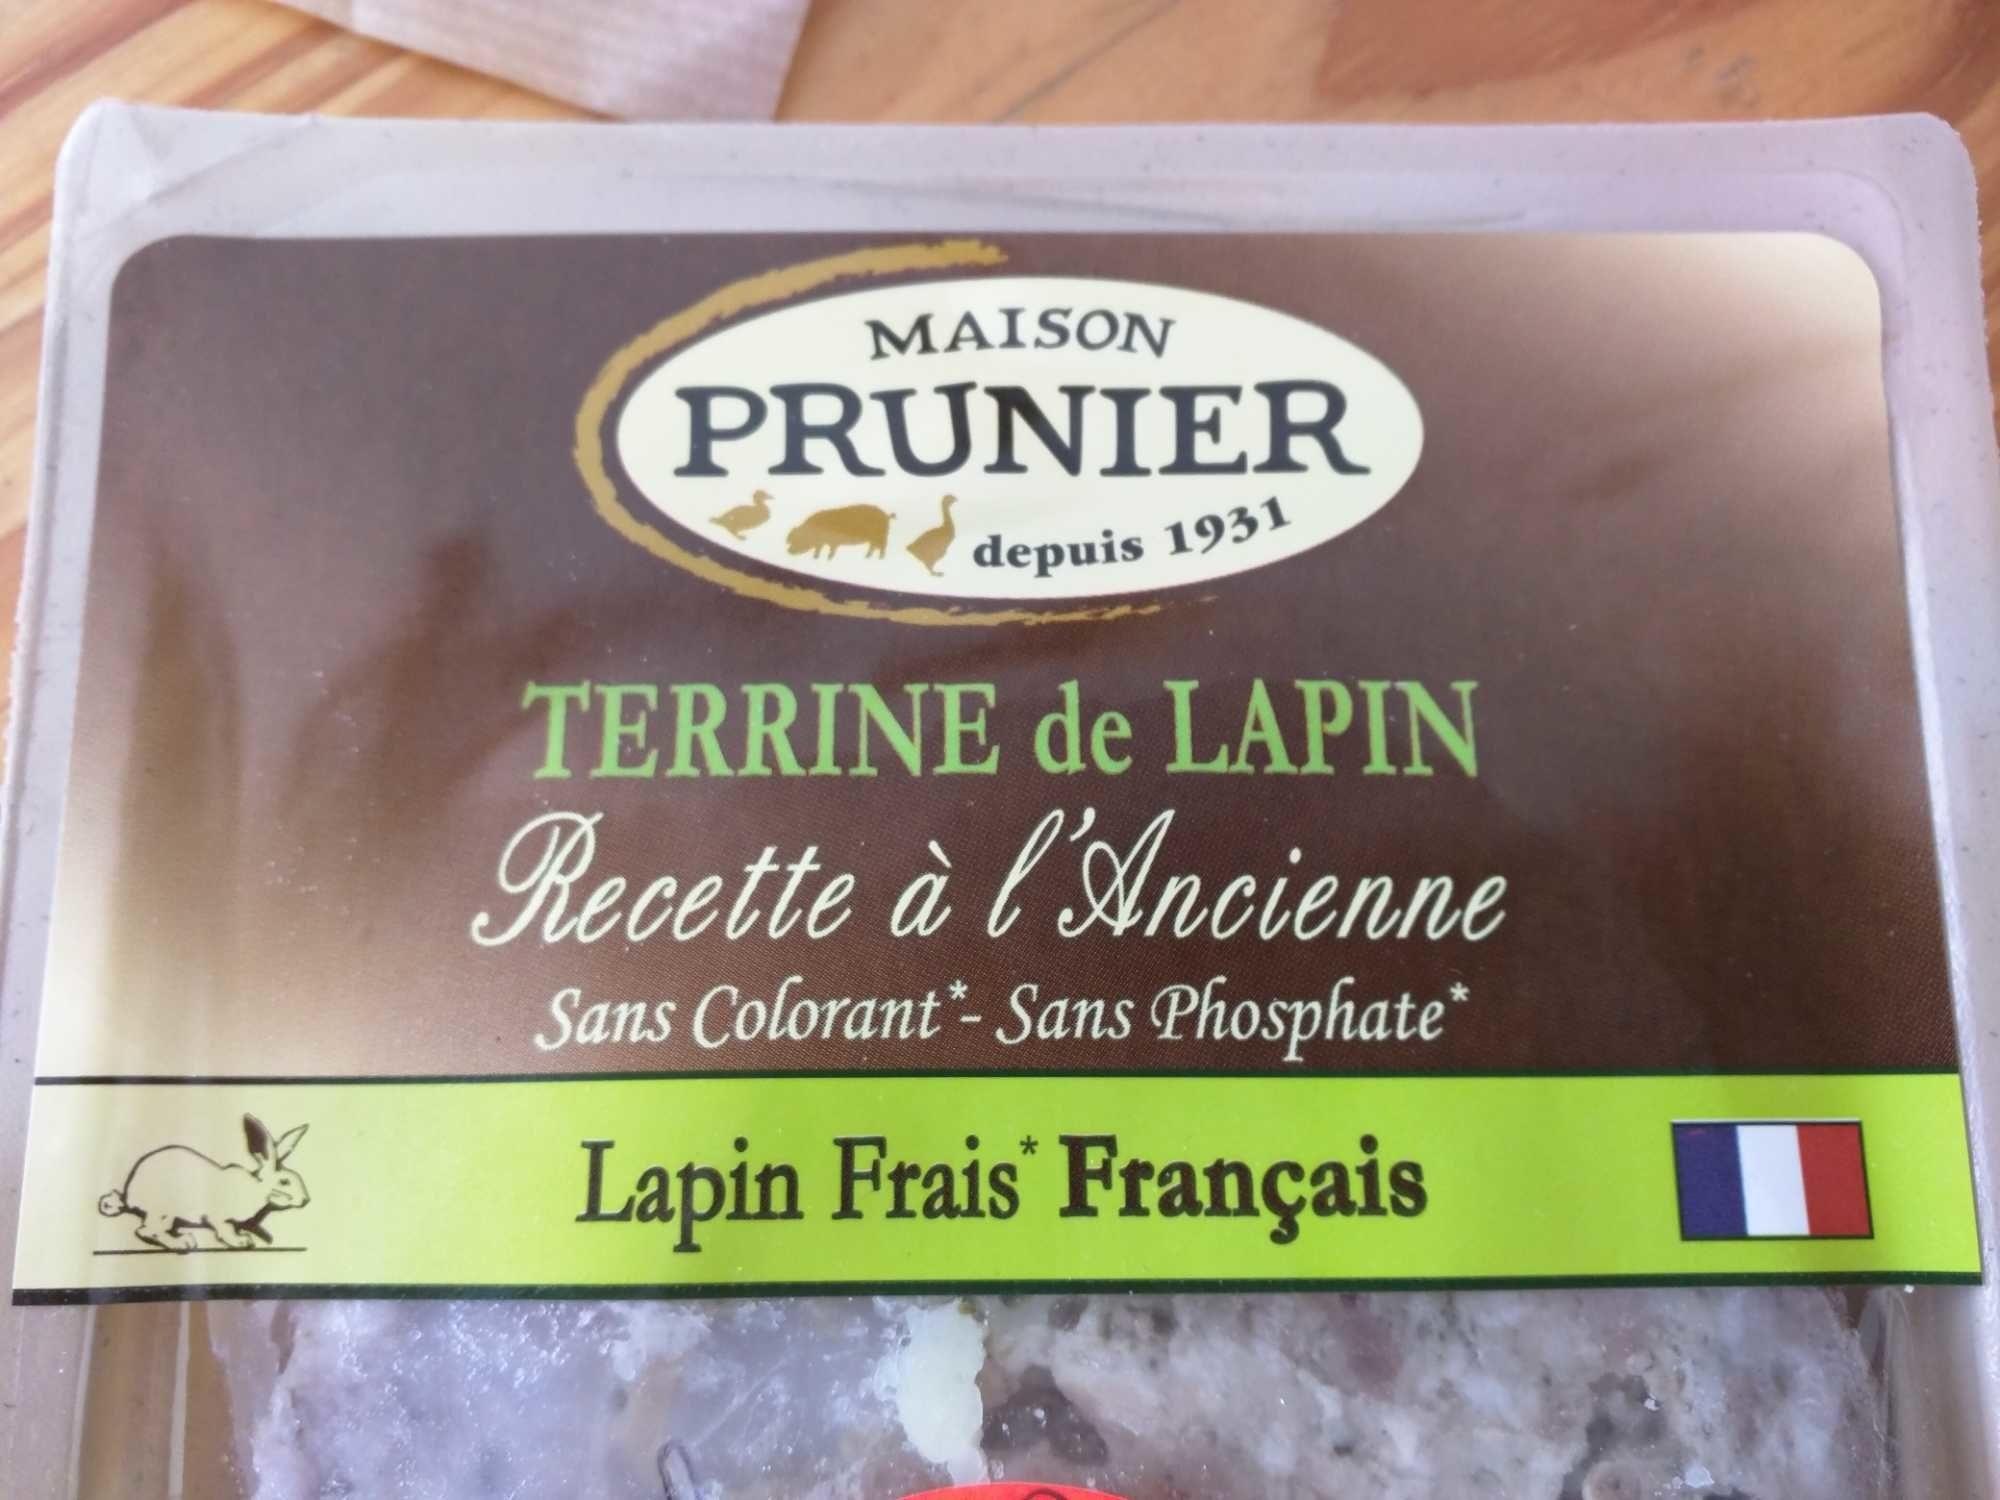 Terrine de Lapin - Recette à l'Ancienne - Produit - fr